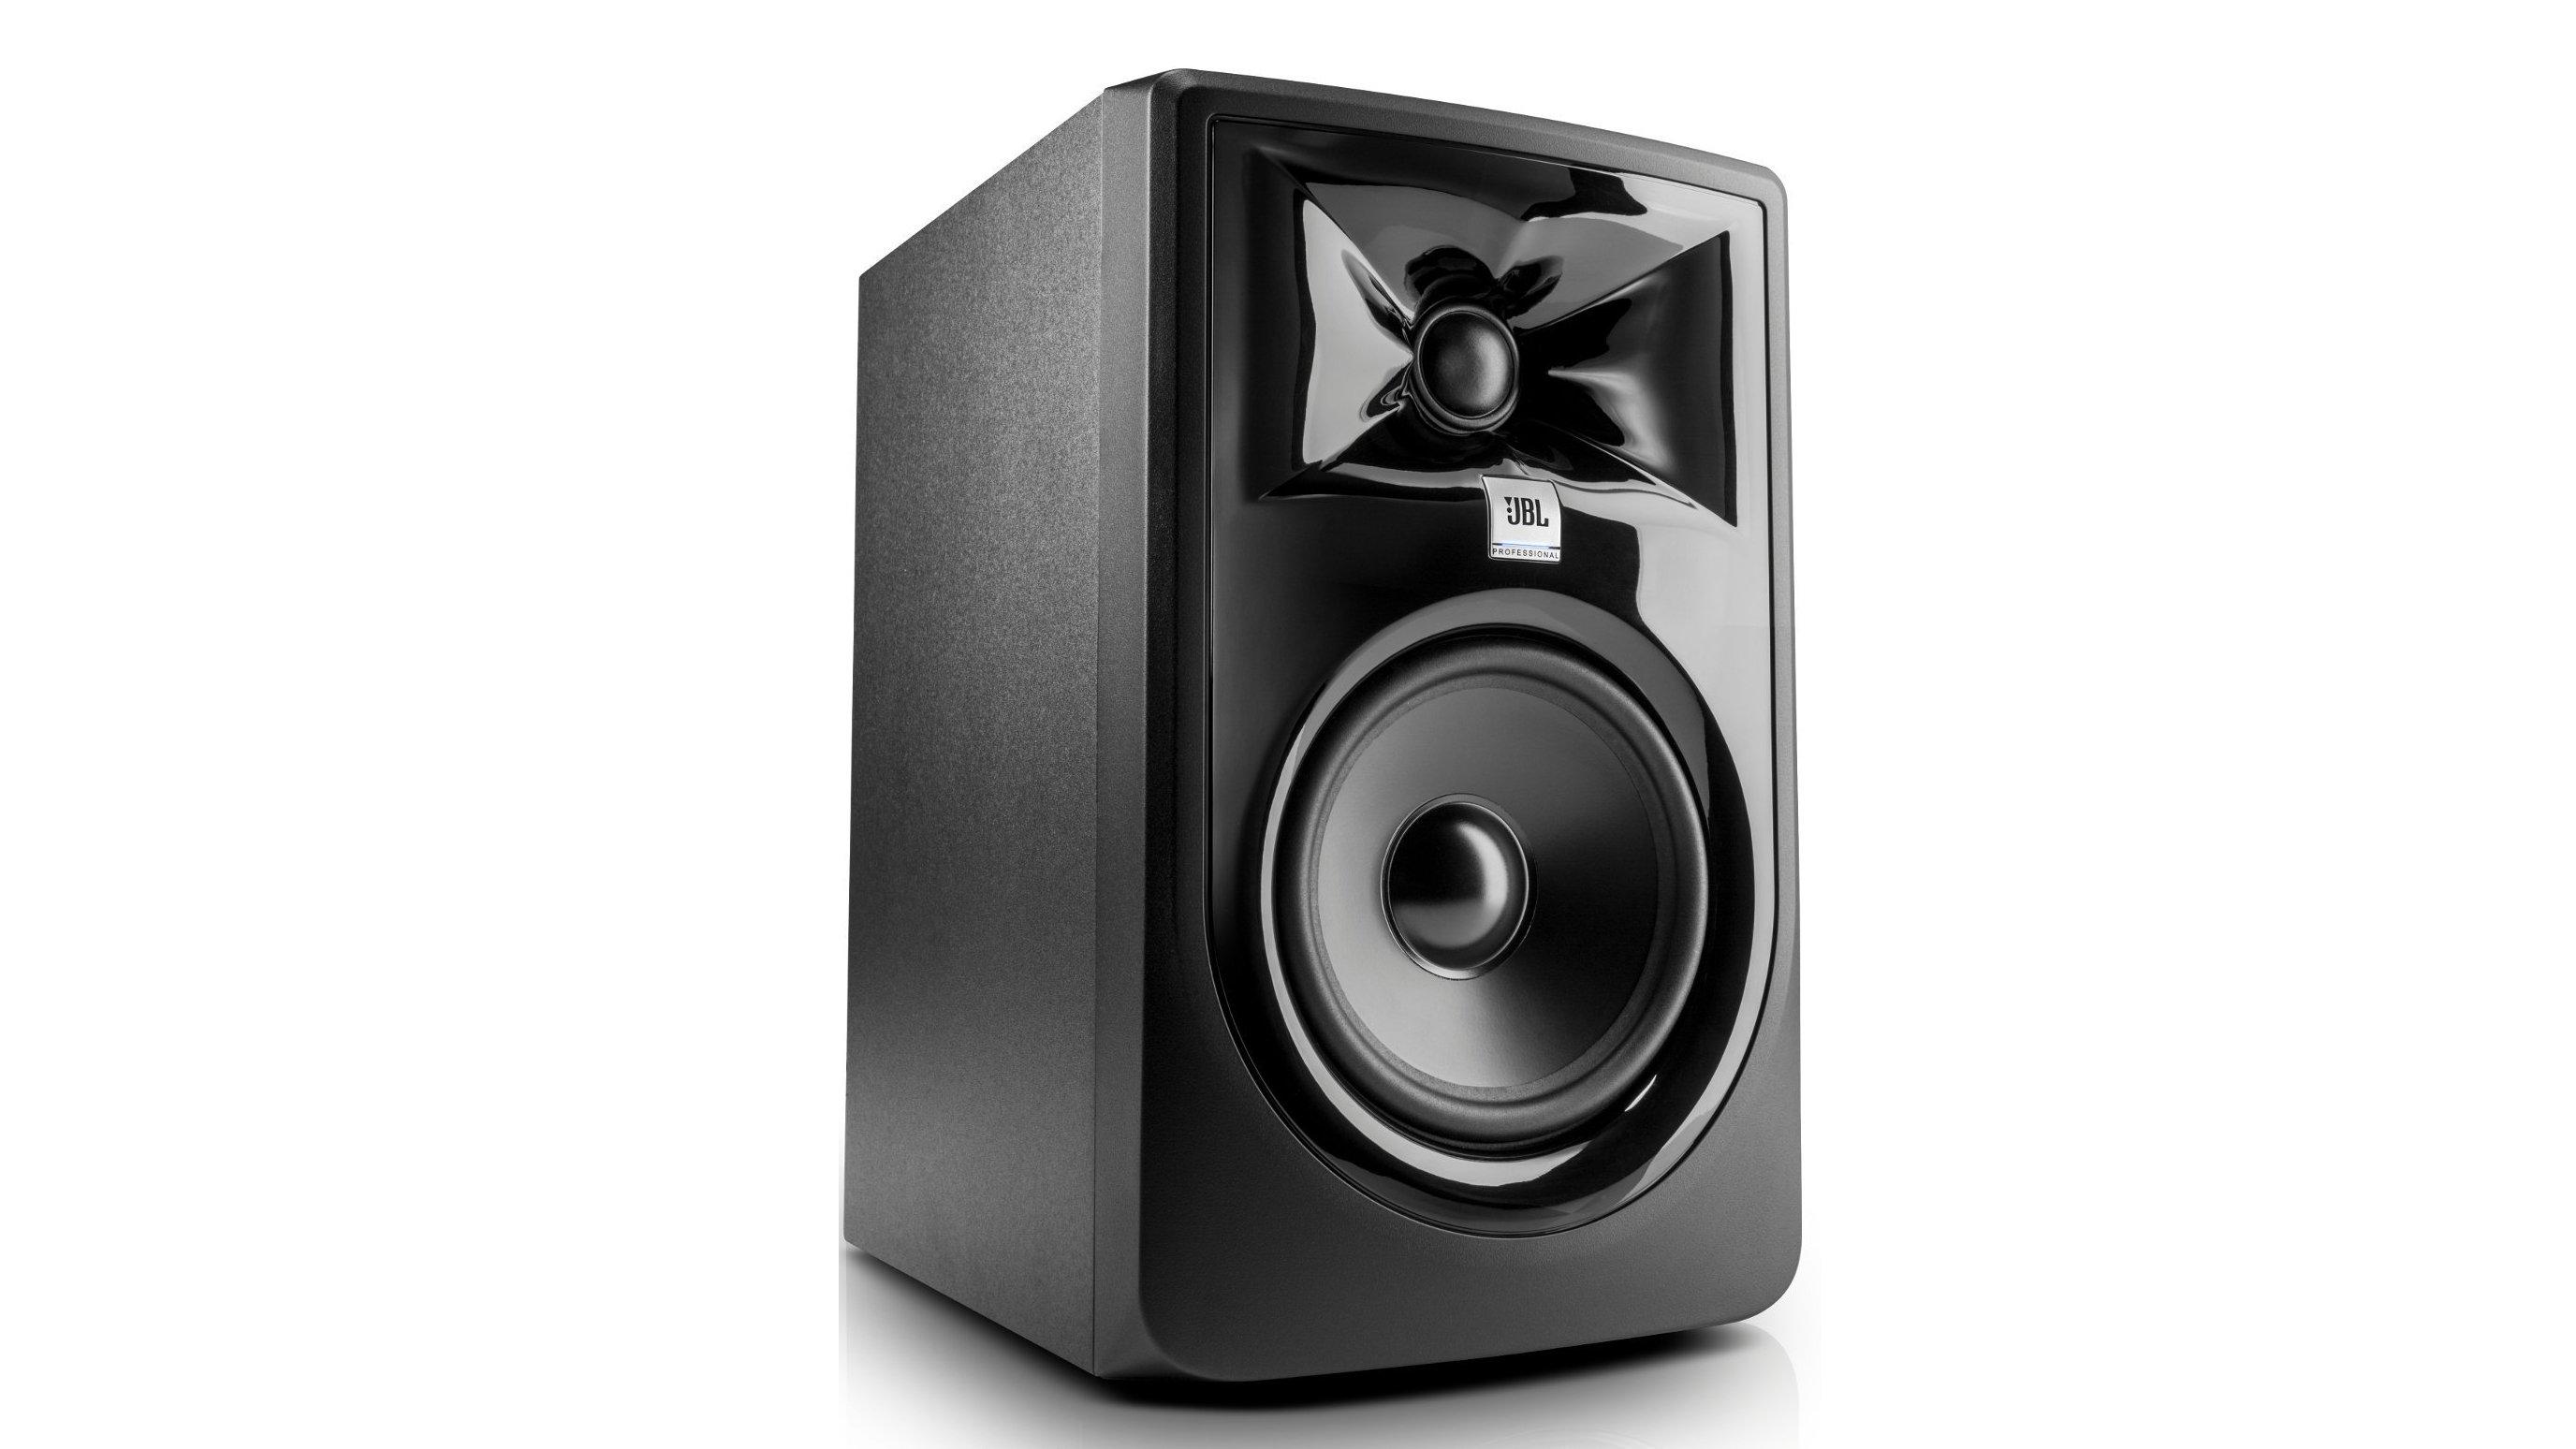 jbl lsr305p mkii review superb sounding speakers for under 250 expert reviews. Black Bedroom Furniture Sets. Home Design Ideas